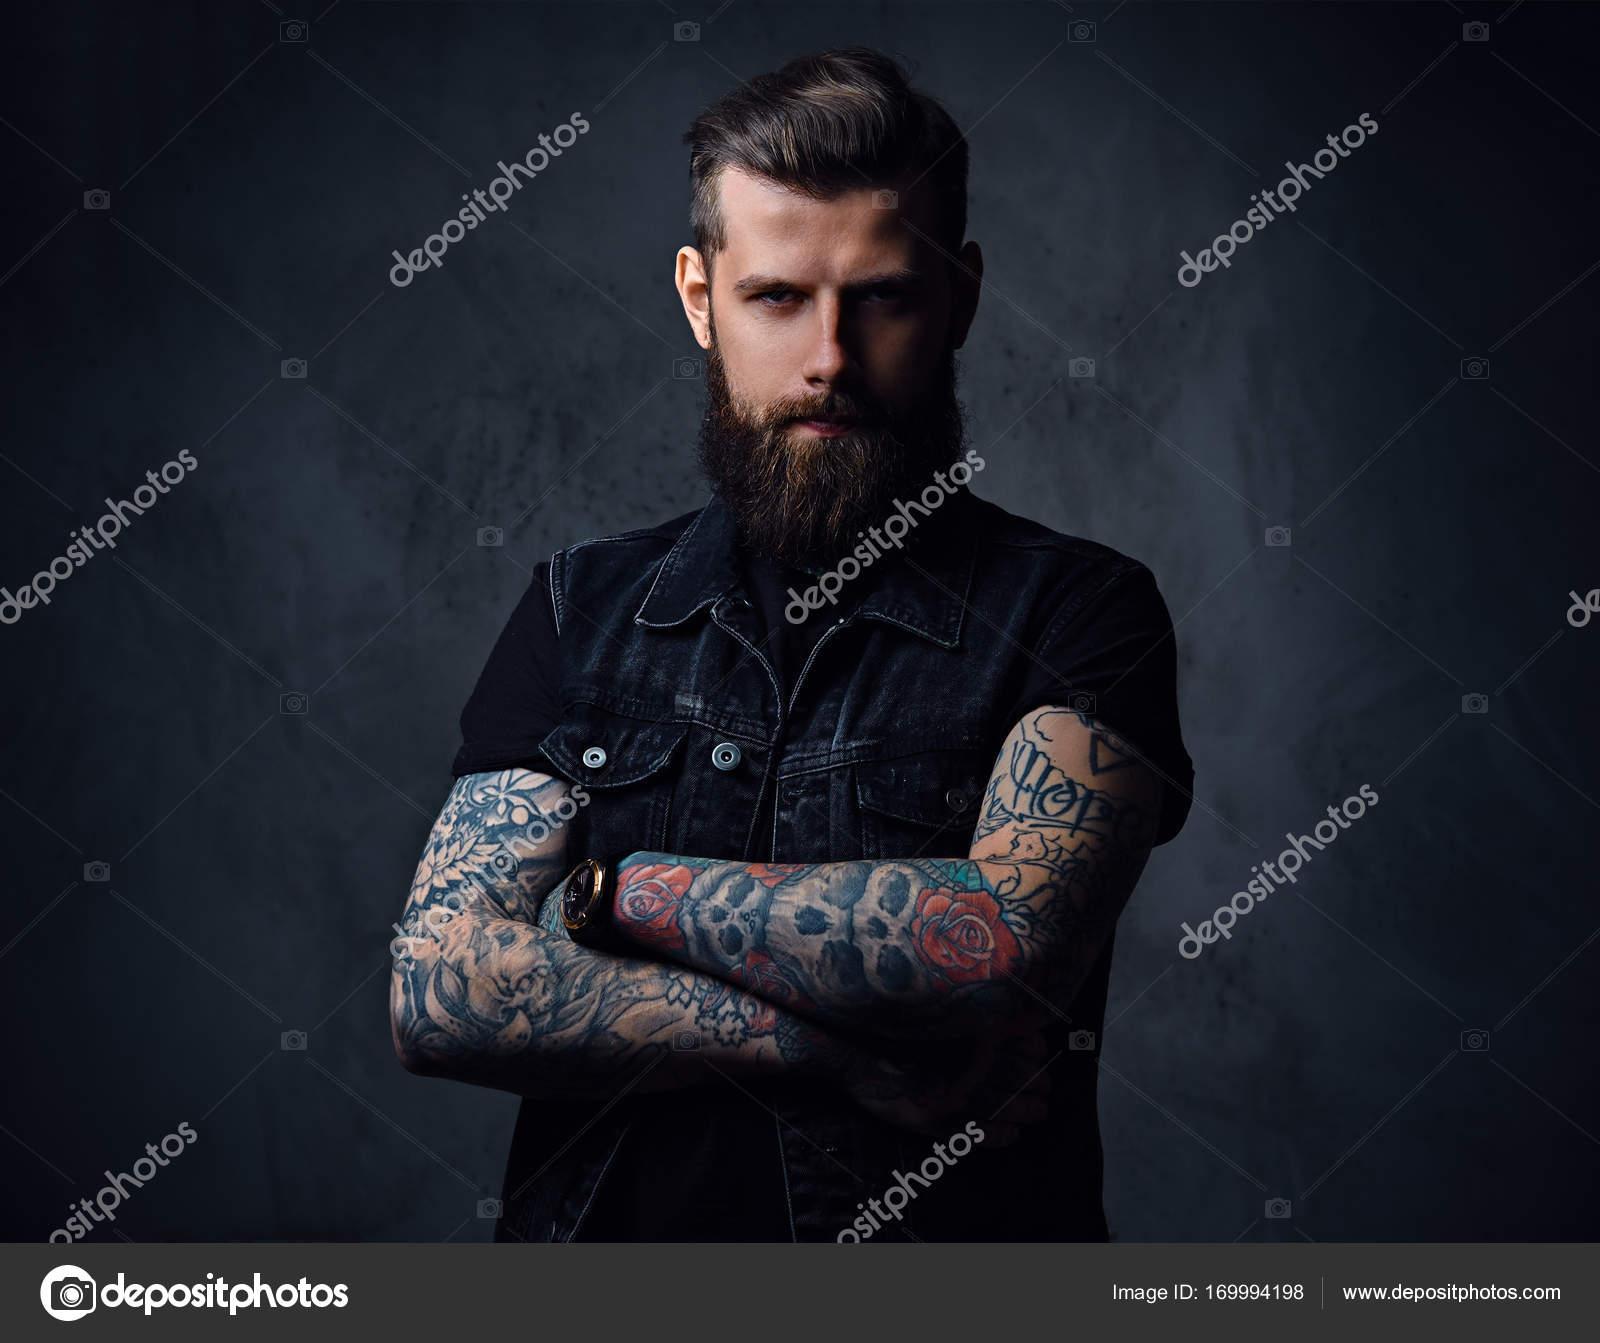 Hombre de barba hipster con tatuajes en sus brazos — Fotos de Stock ... 78cc1582957